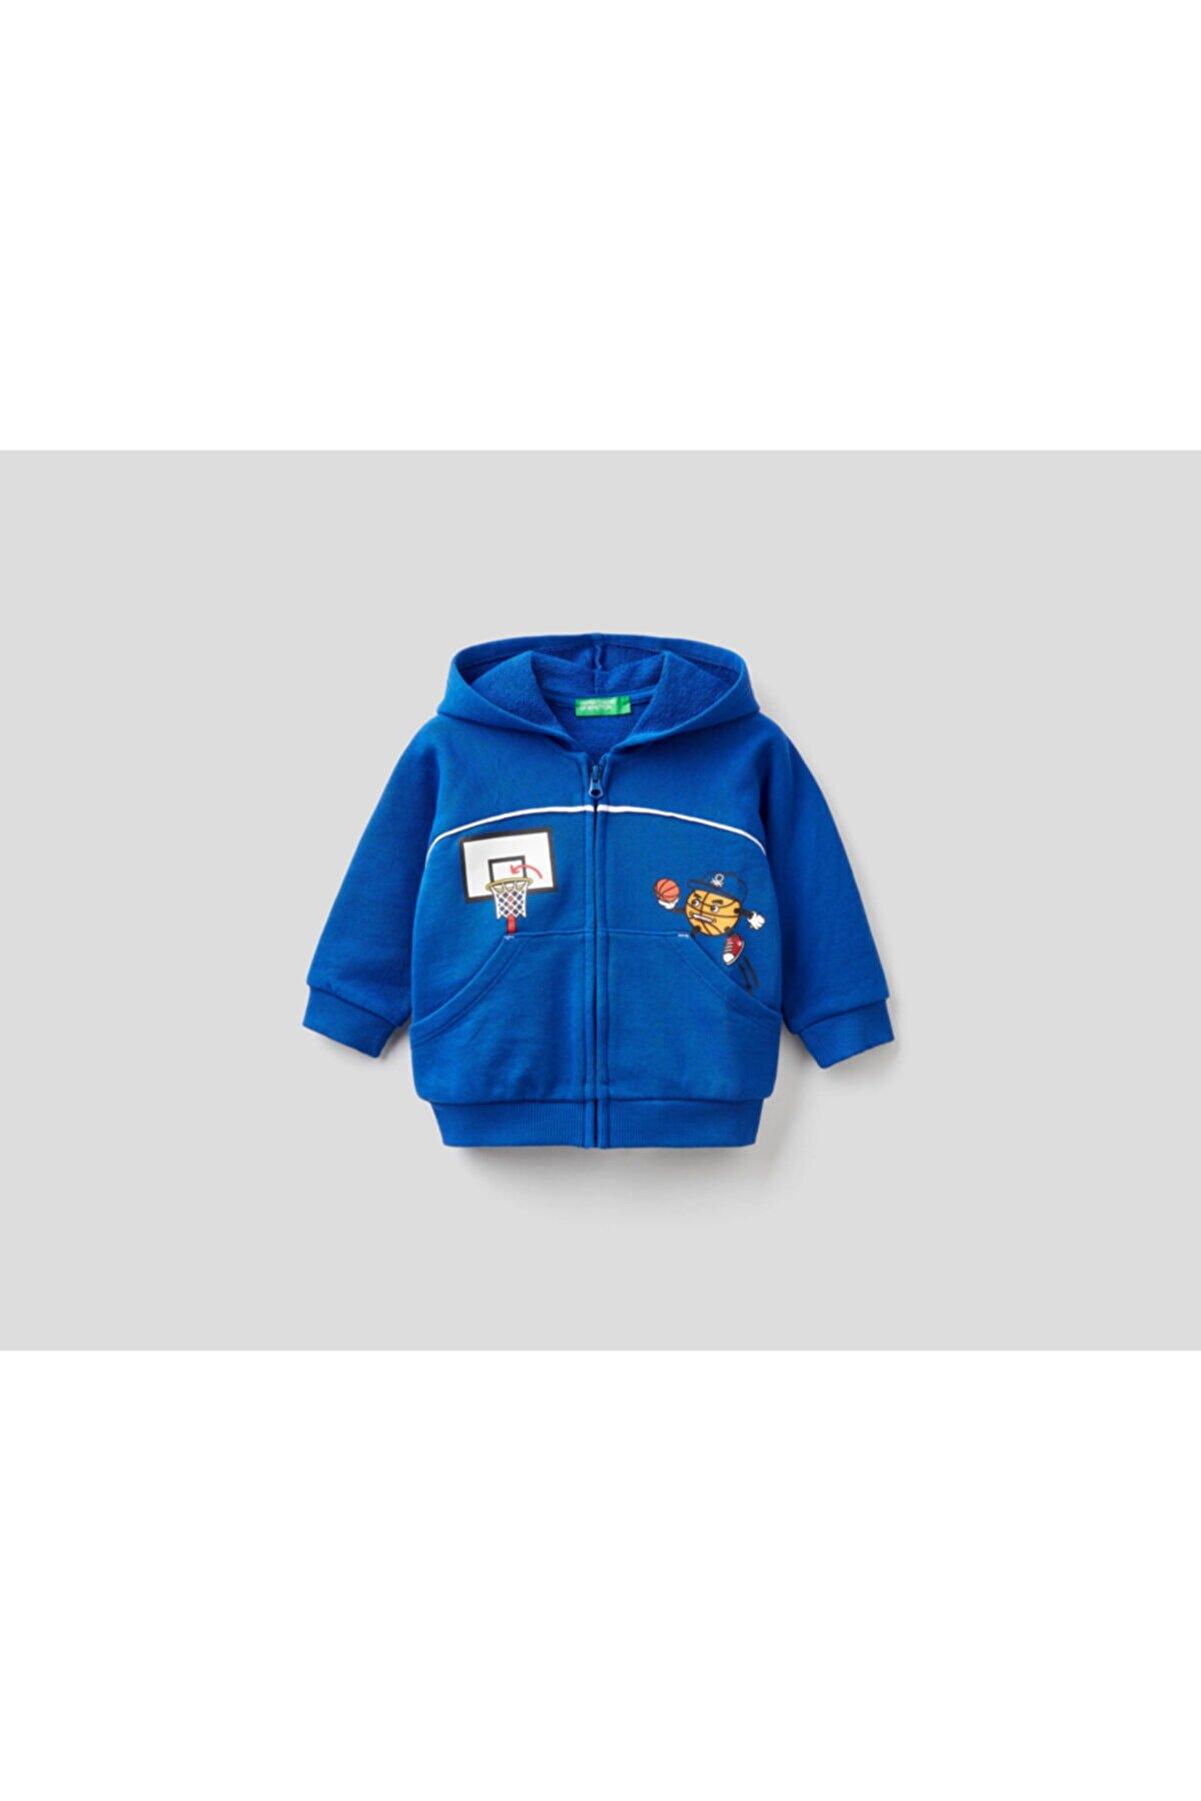 Benetton 012 Kabartmabaskılı Sweatshirt